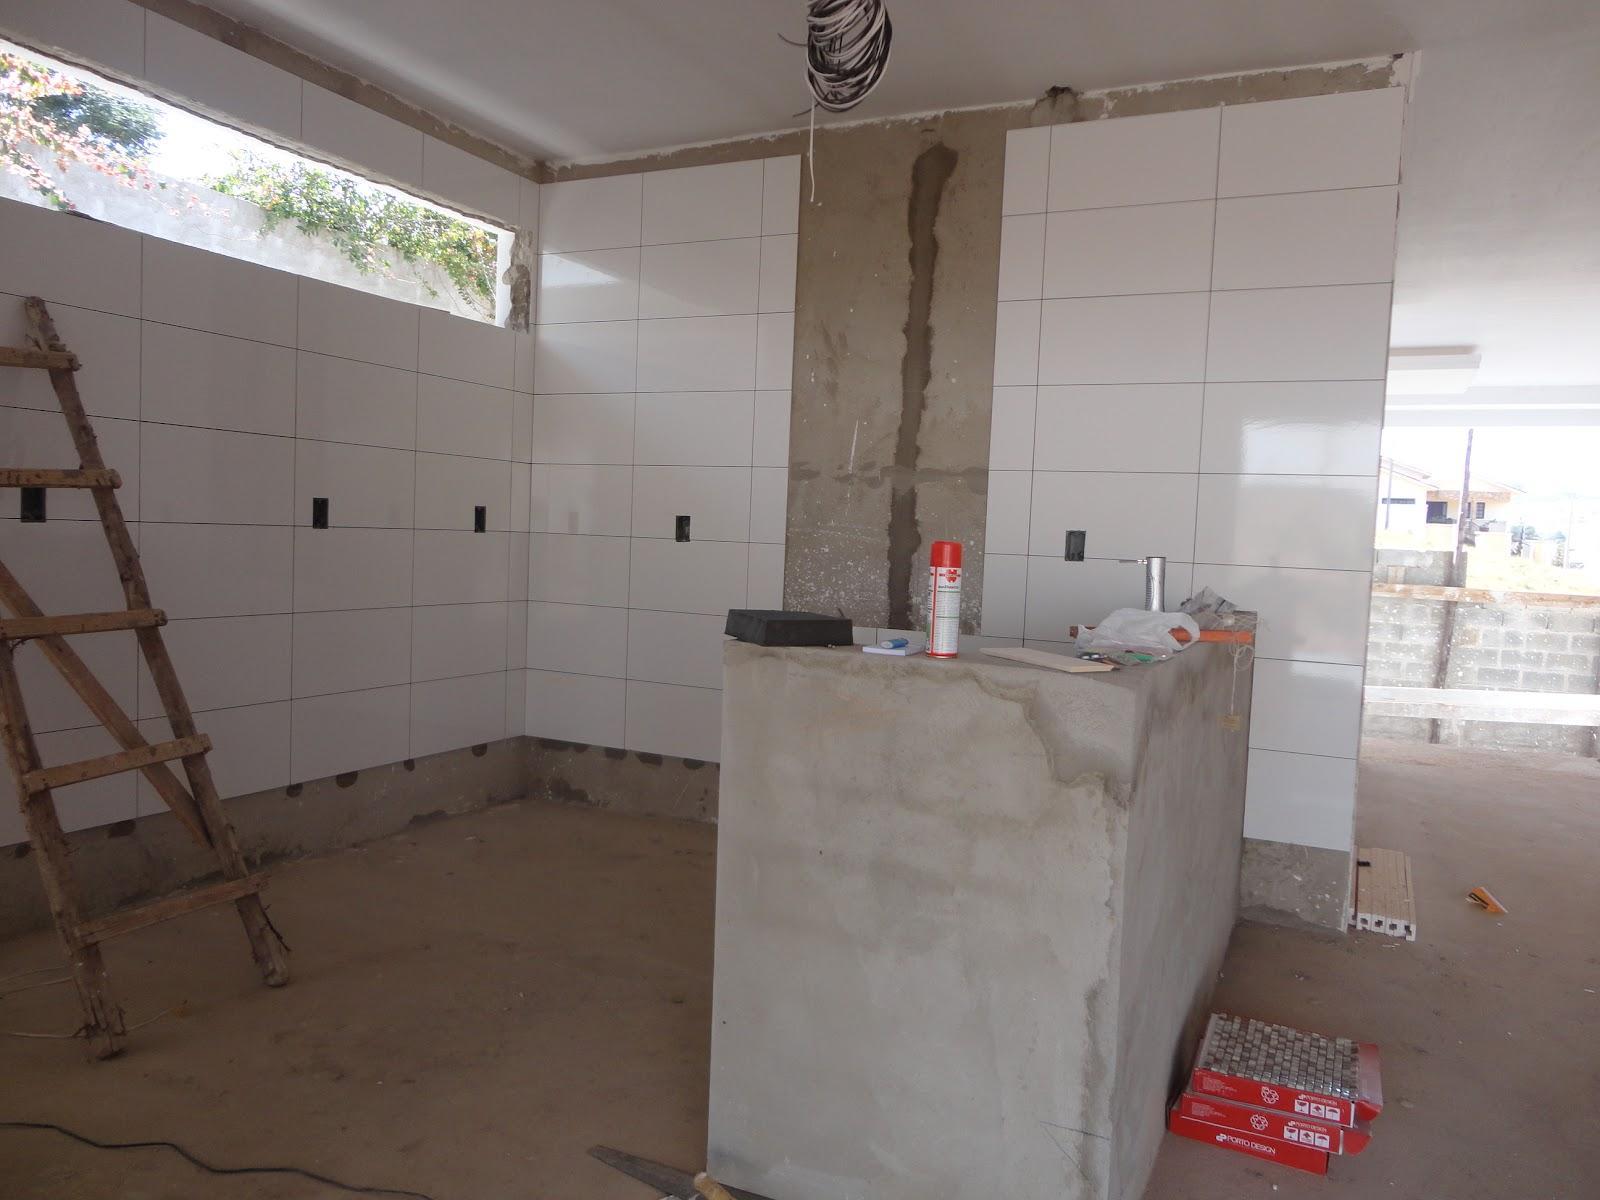 nossa casa nosso sonho : balcão da cozinha e revestimento e gesso #49392F 1600 1200